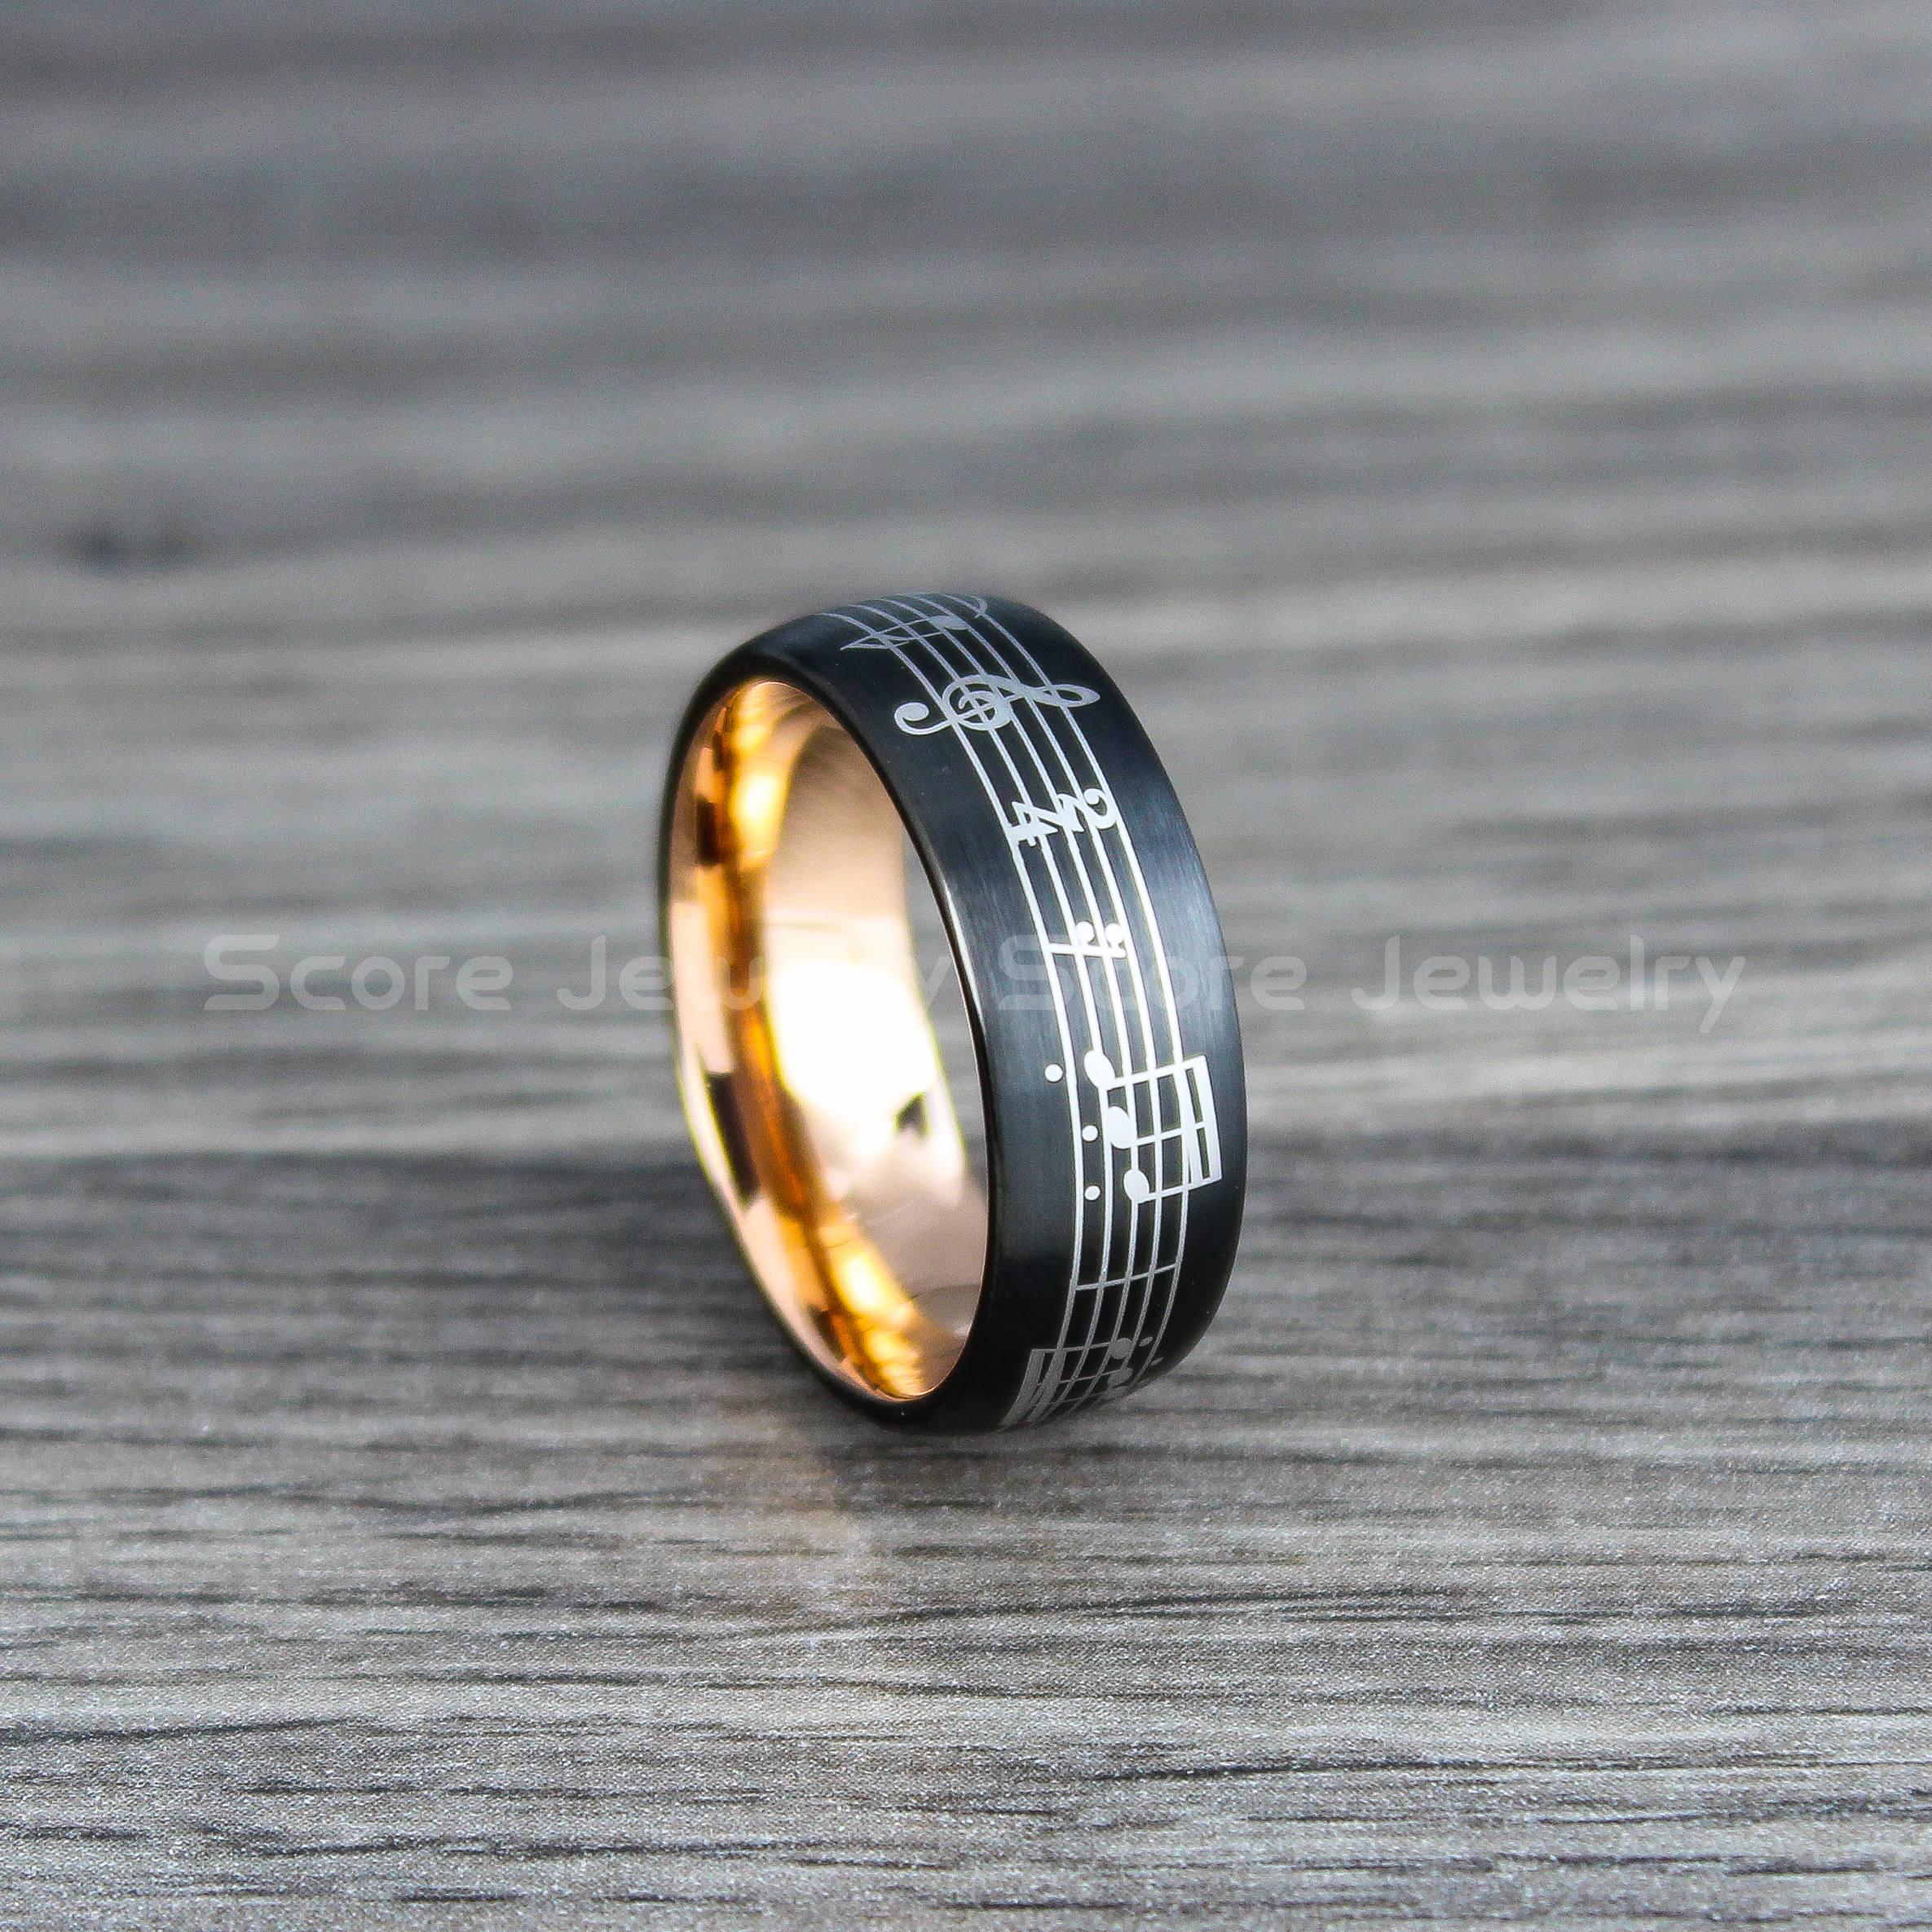 tungsten wedding ring price philippines 8mm u0027s